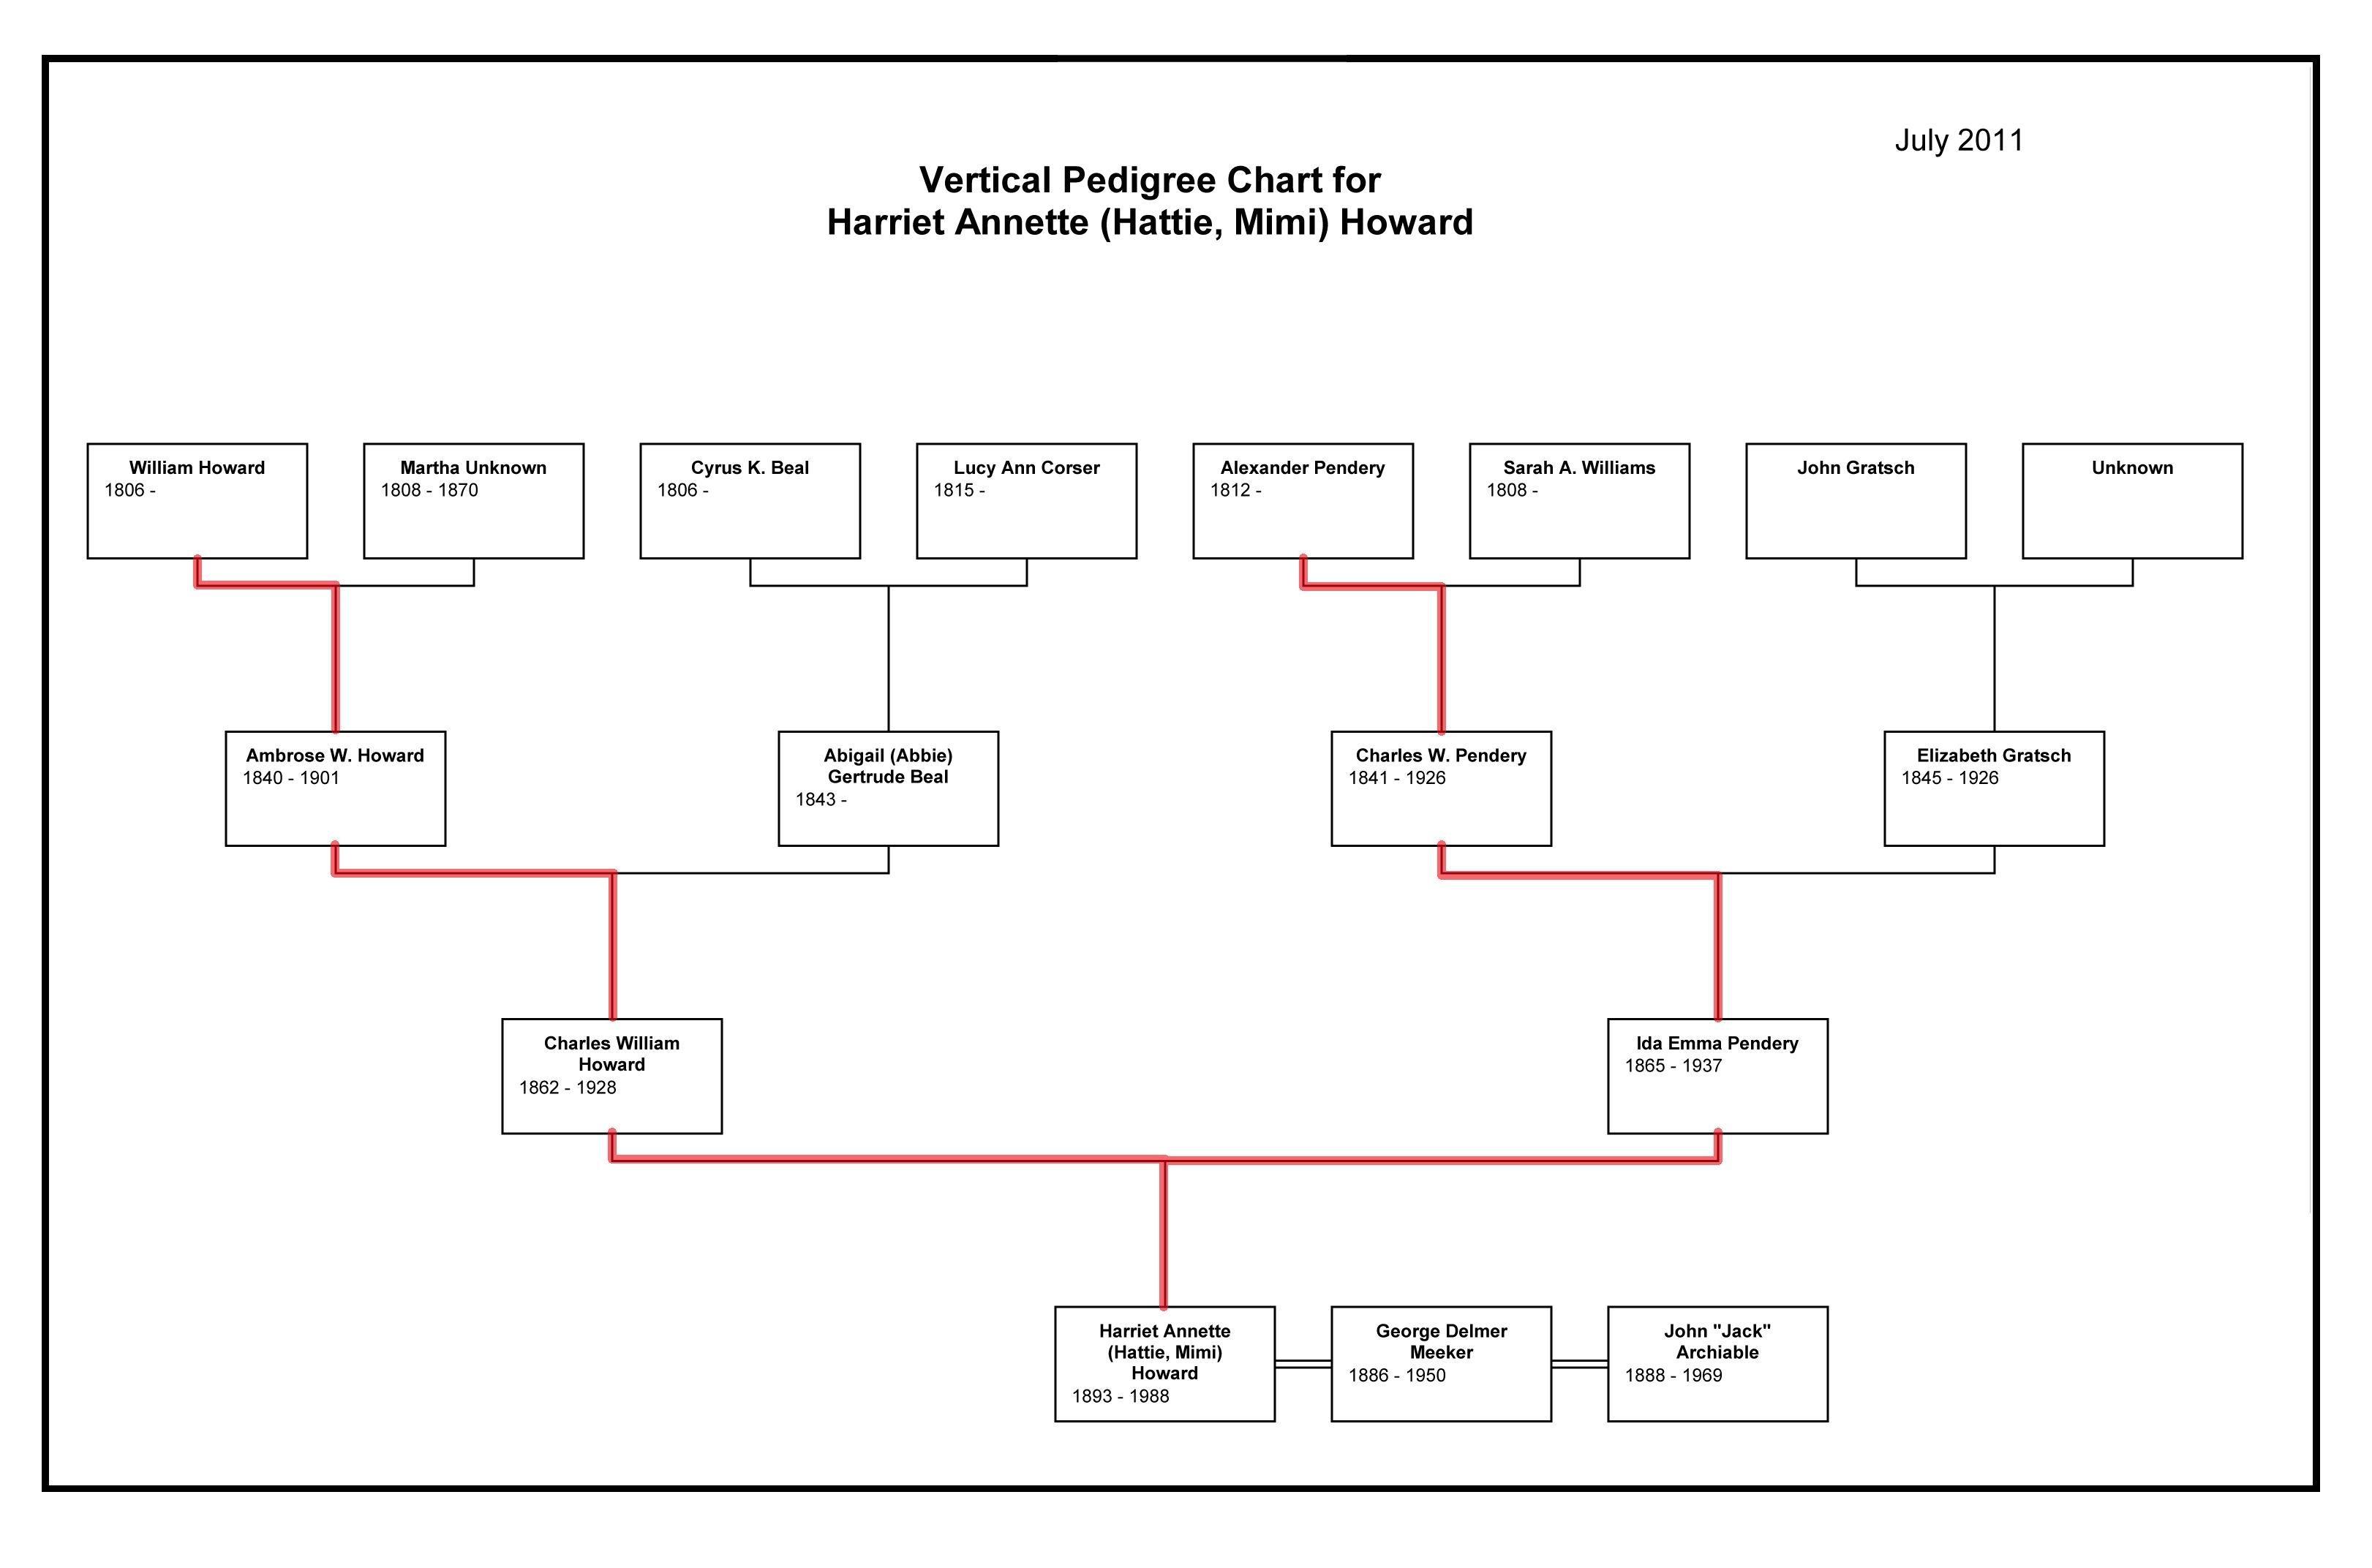 Family Pedigree Chart Maker - Tutlin.psstech.co - Free Printable Dog Pedigree Generator